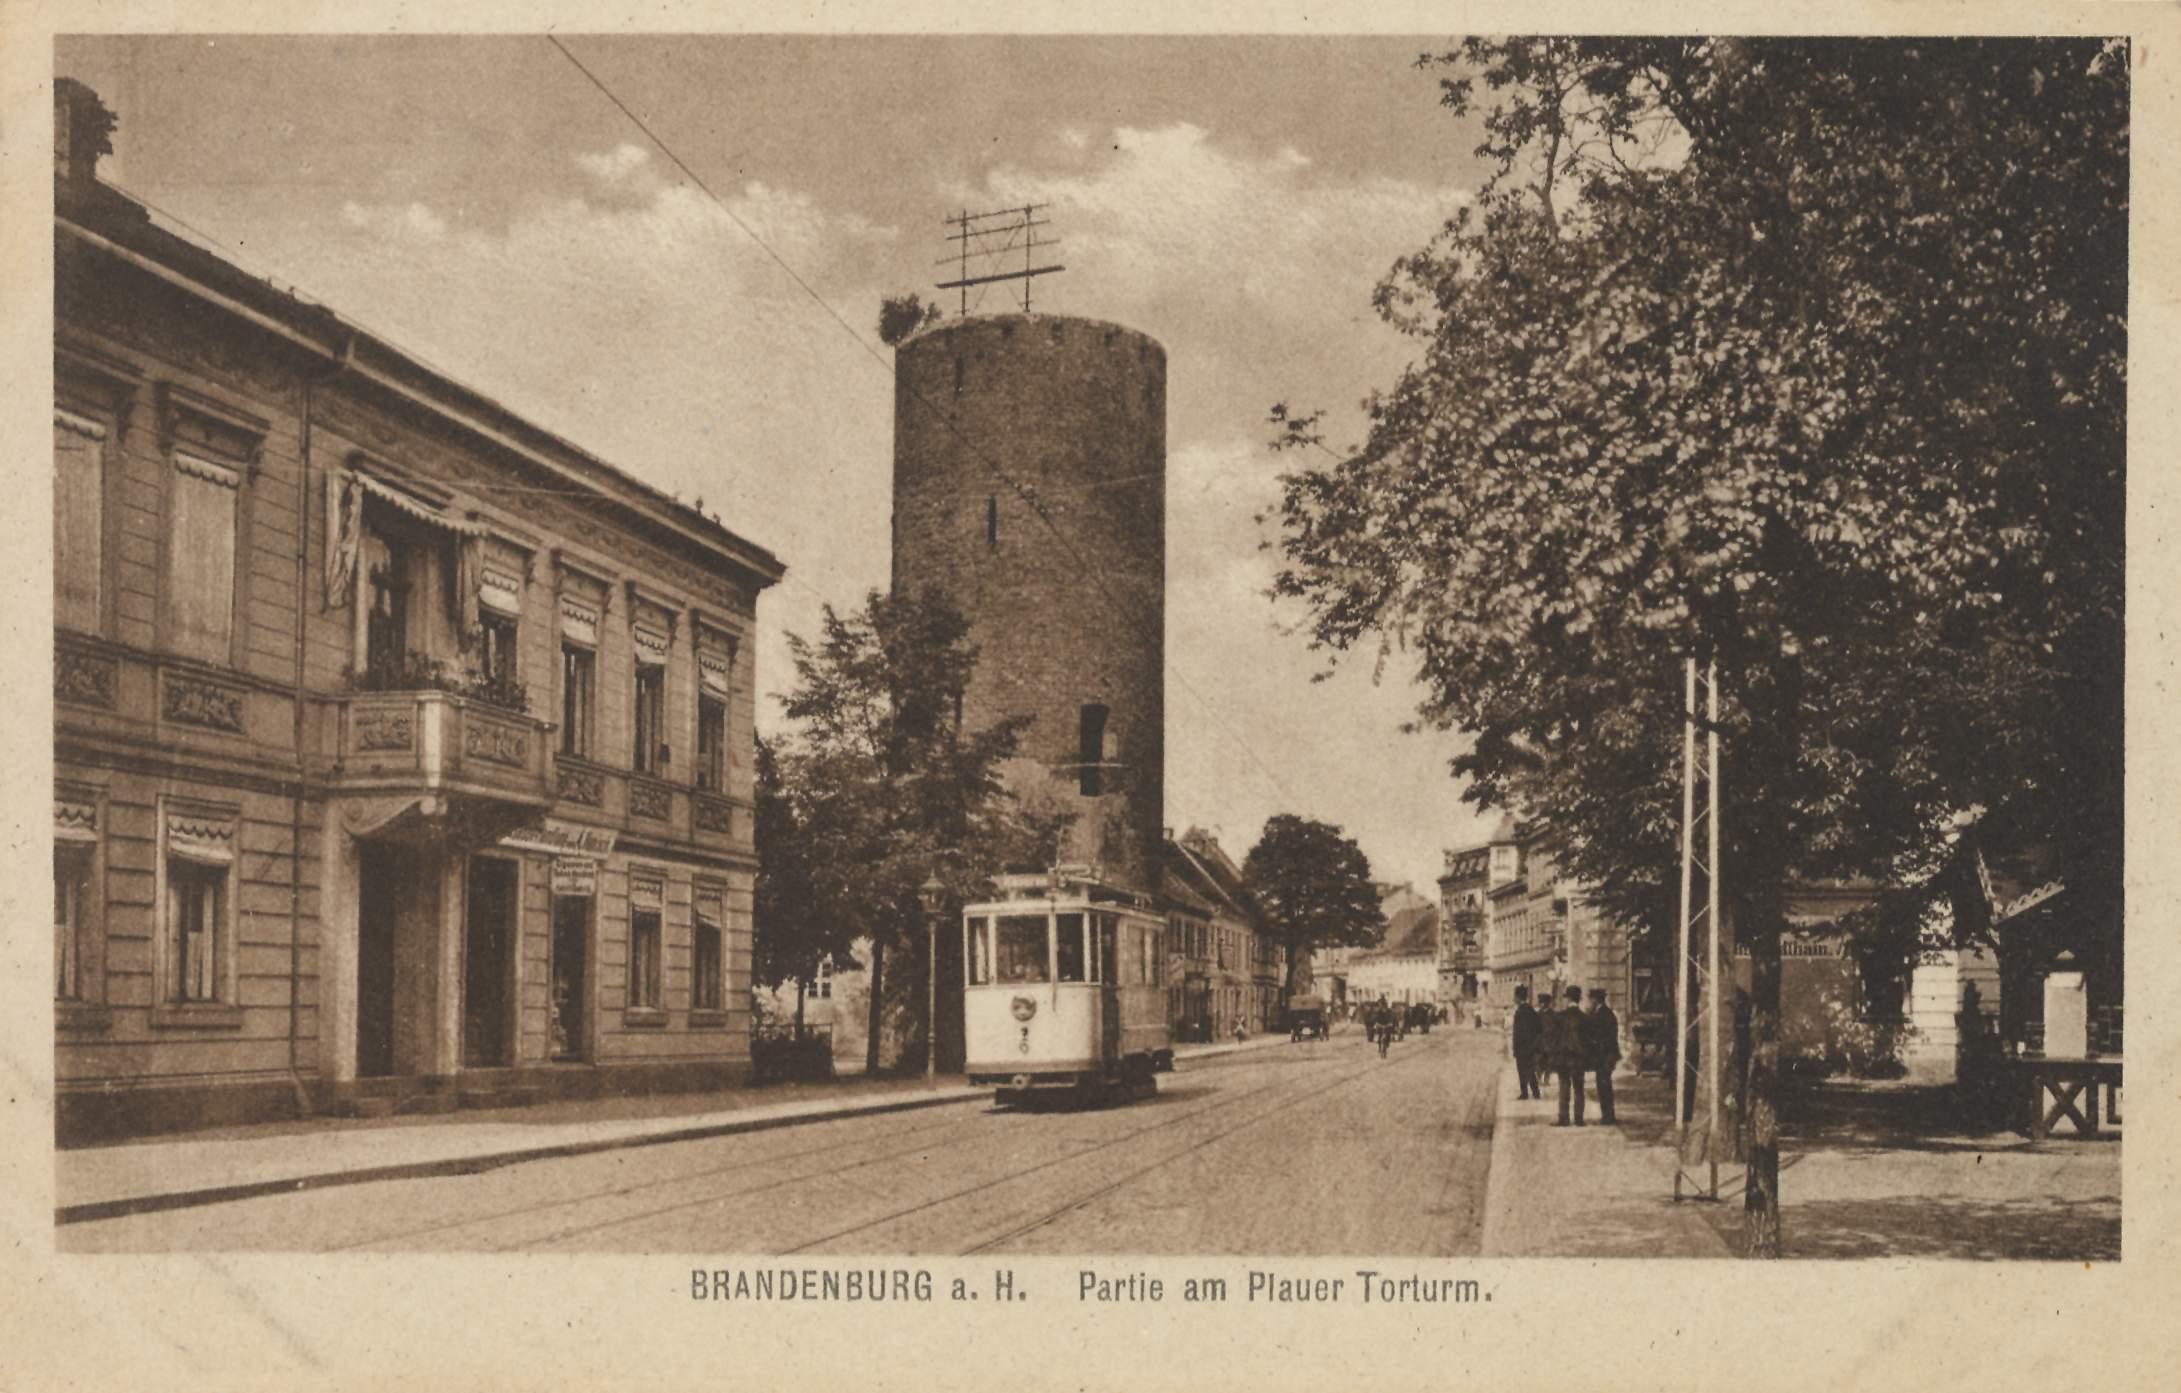 File:Packhofufer, Brandenburg-Havel.jpg - Wikimedia Commons